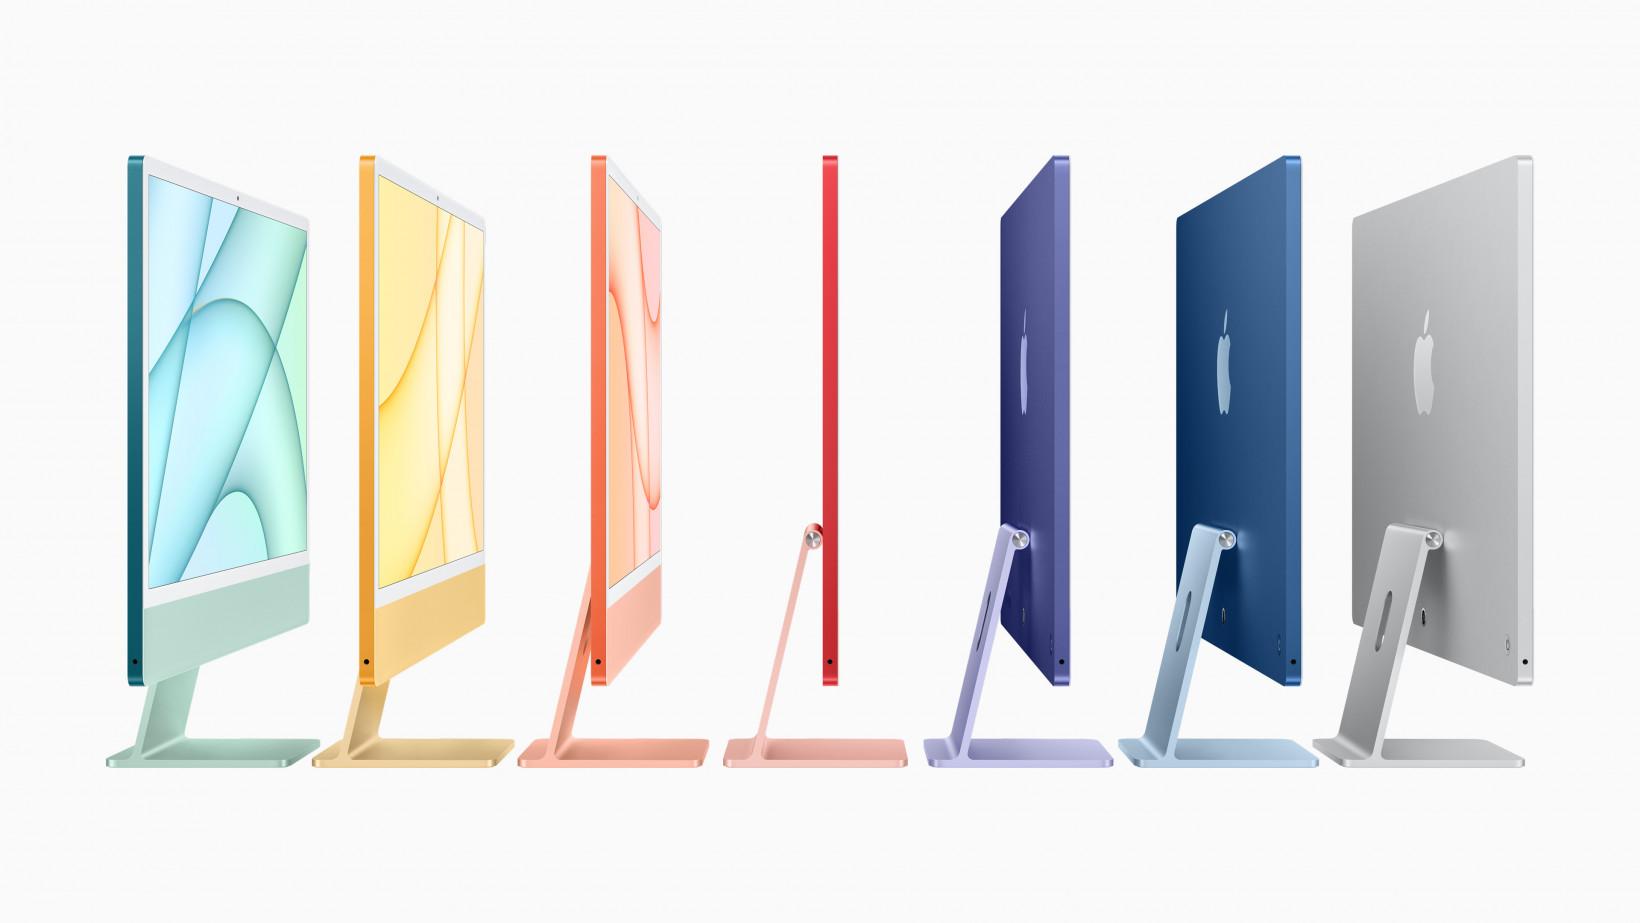 iMac 2021 colors